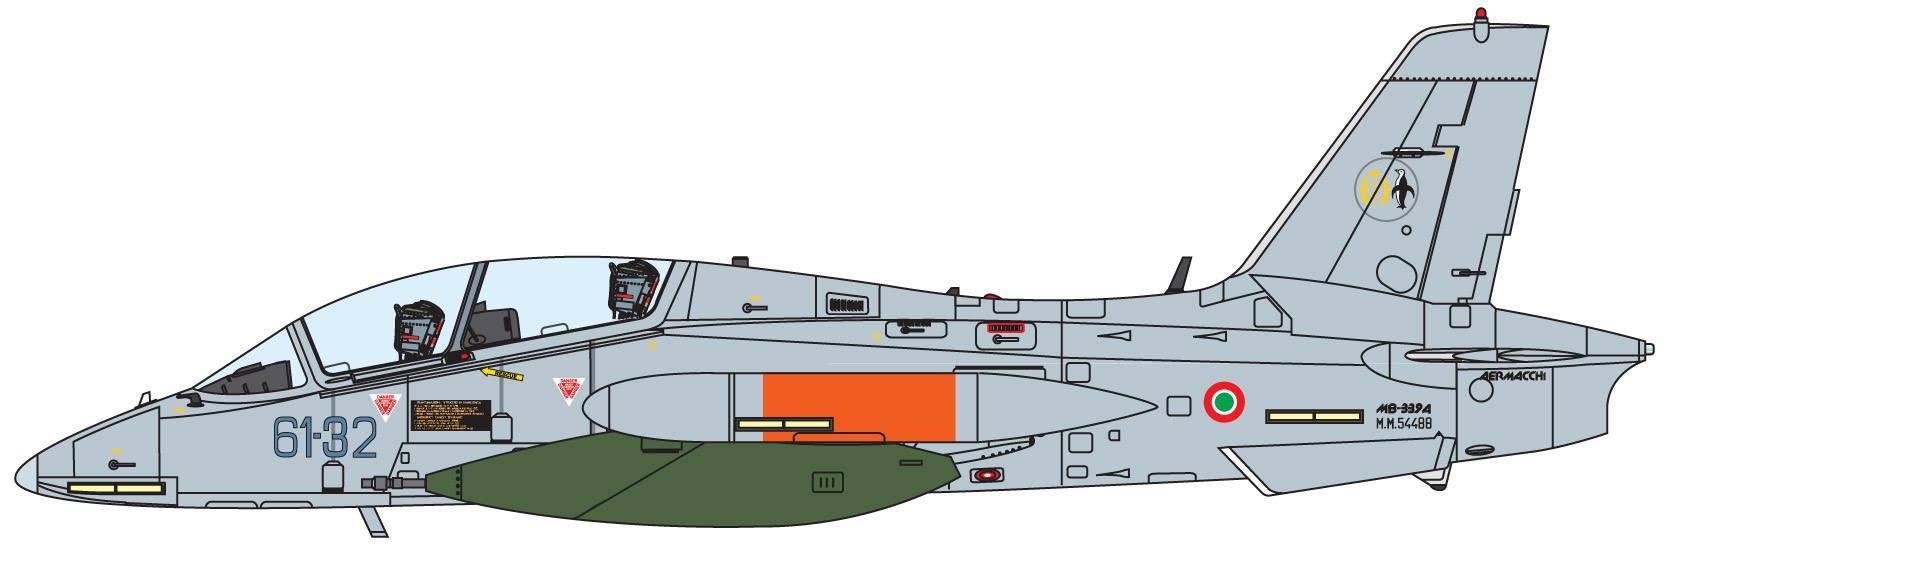 Maqueta Italeri MB-339A 3